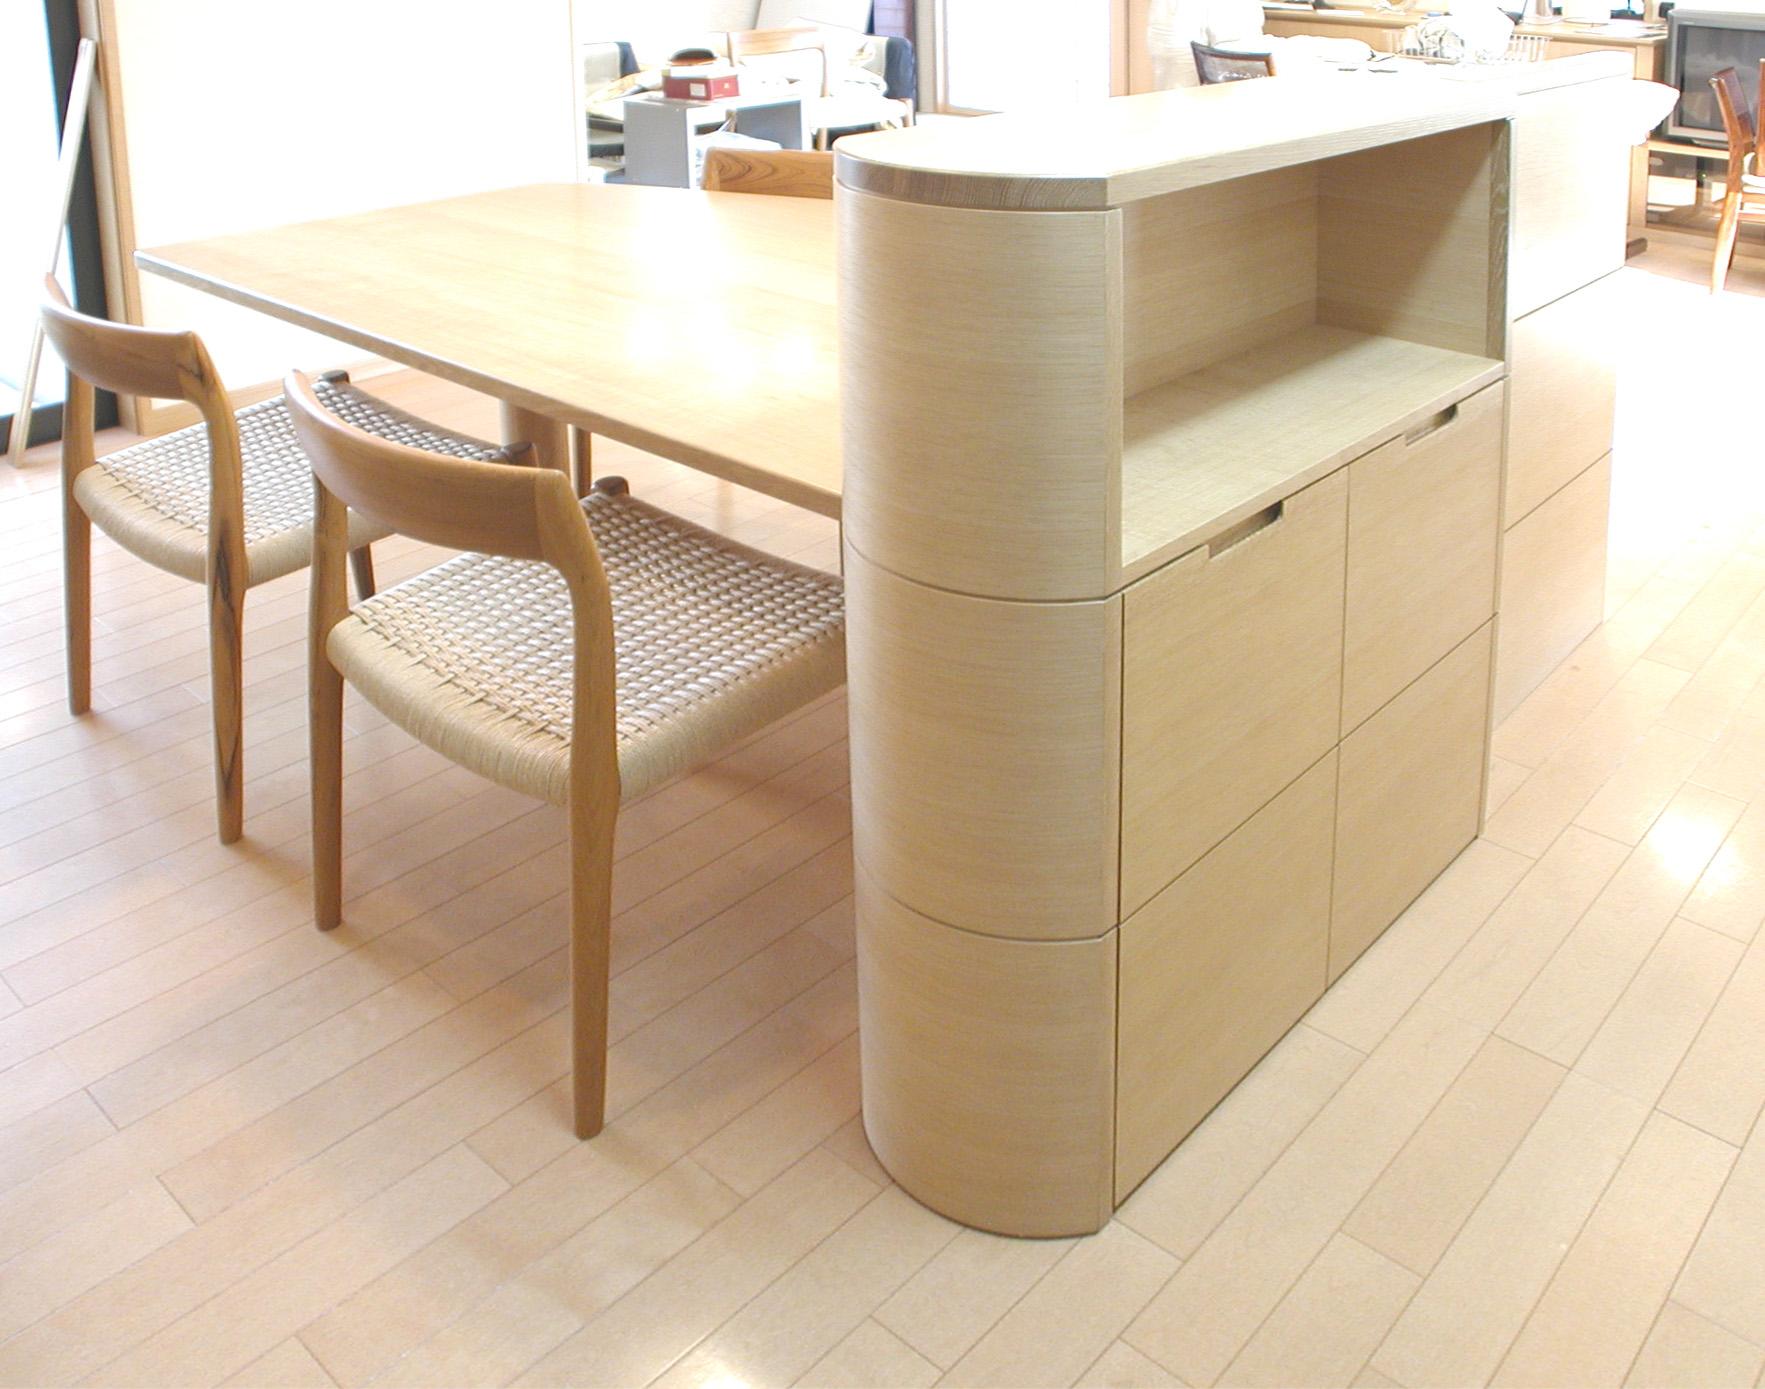 バーチ材のキッチン収納テーブル[4]